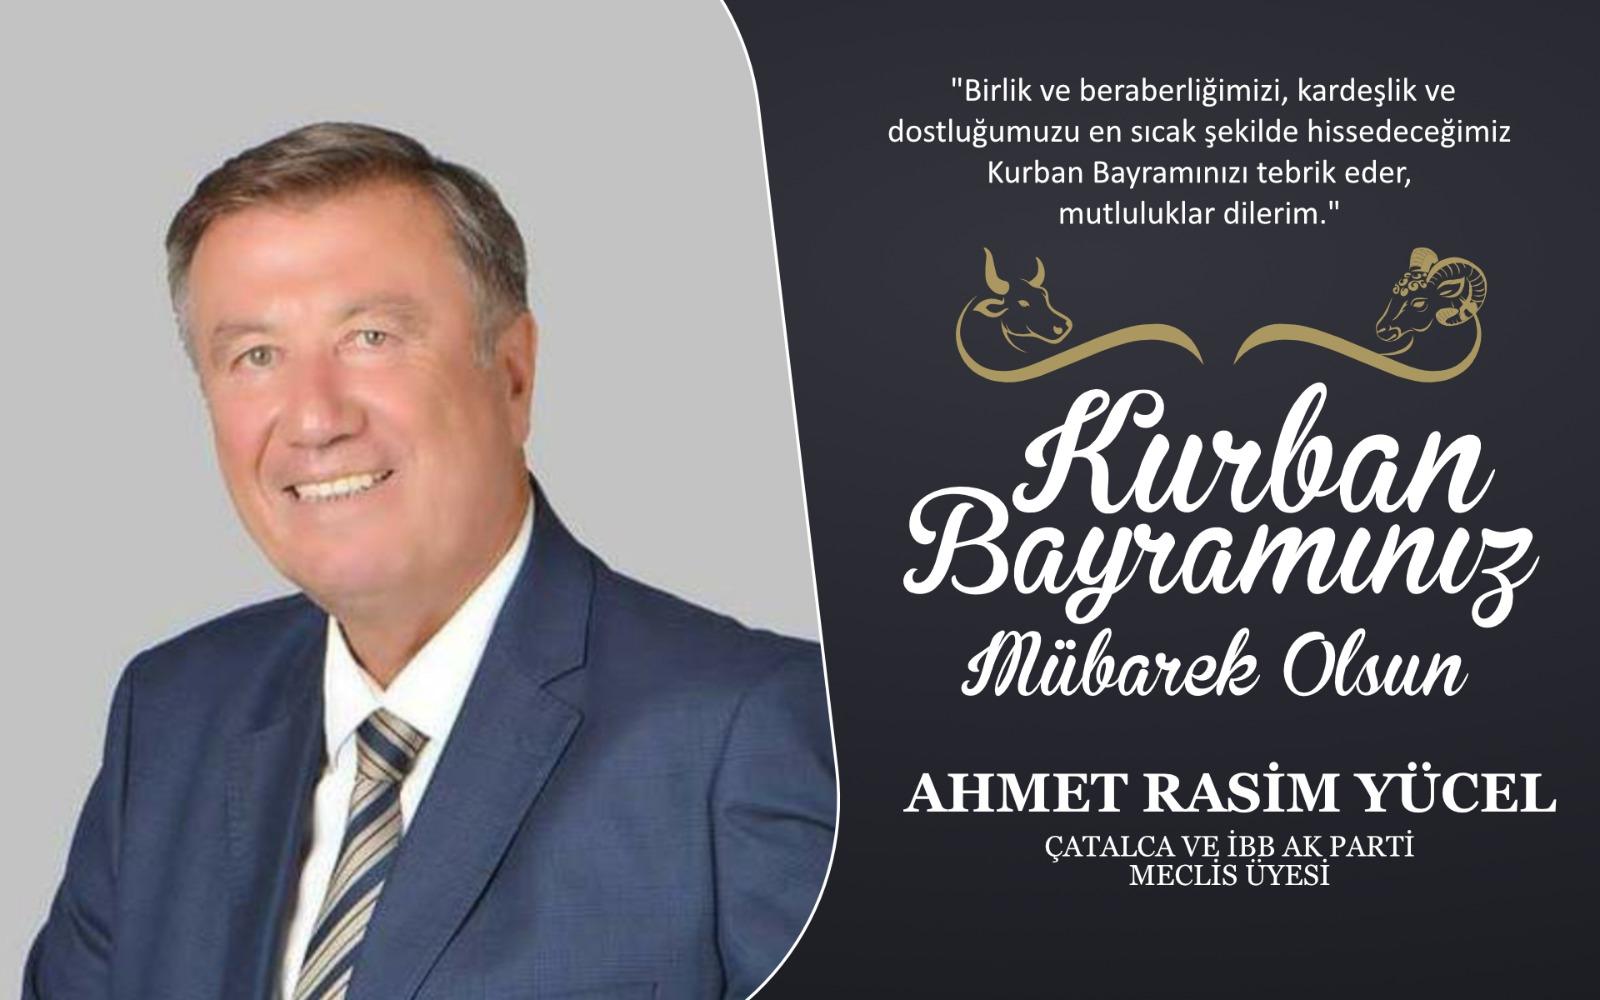 Ahmet Rasim Yücel'den Kurban Bayramı Kutlama Mesajı